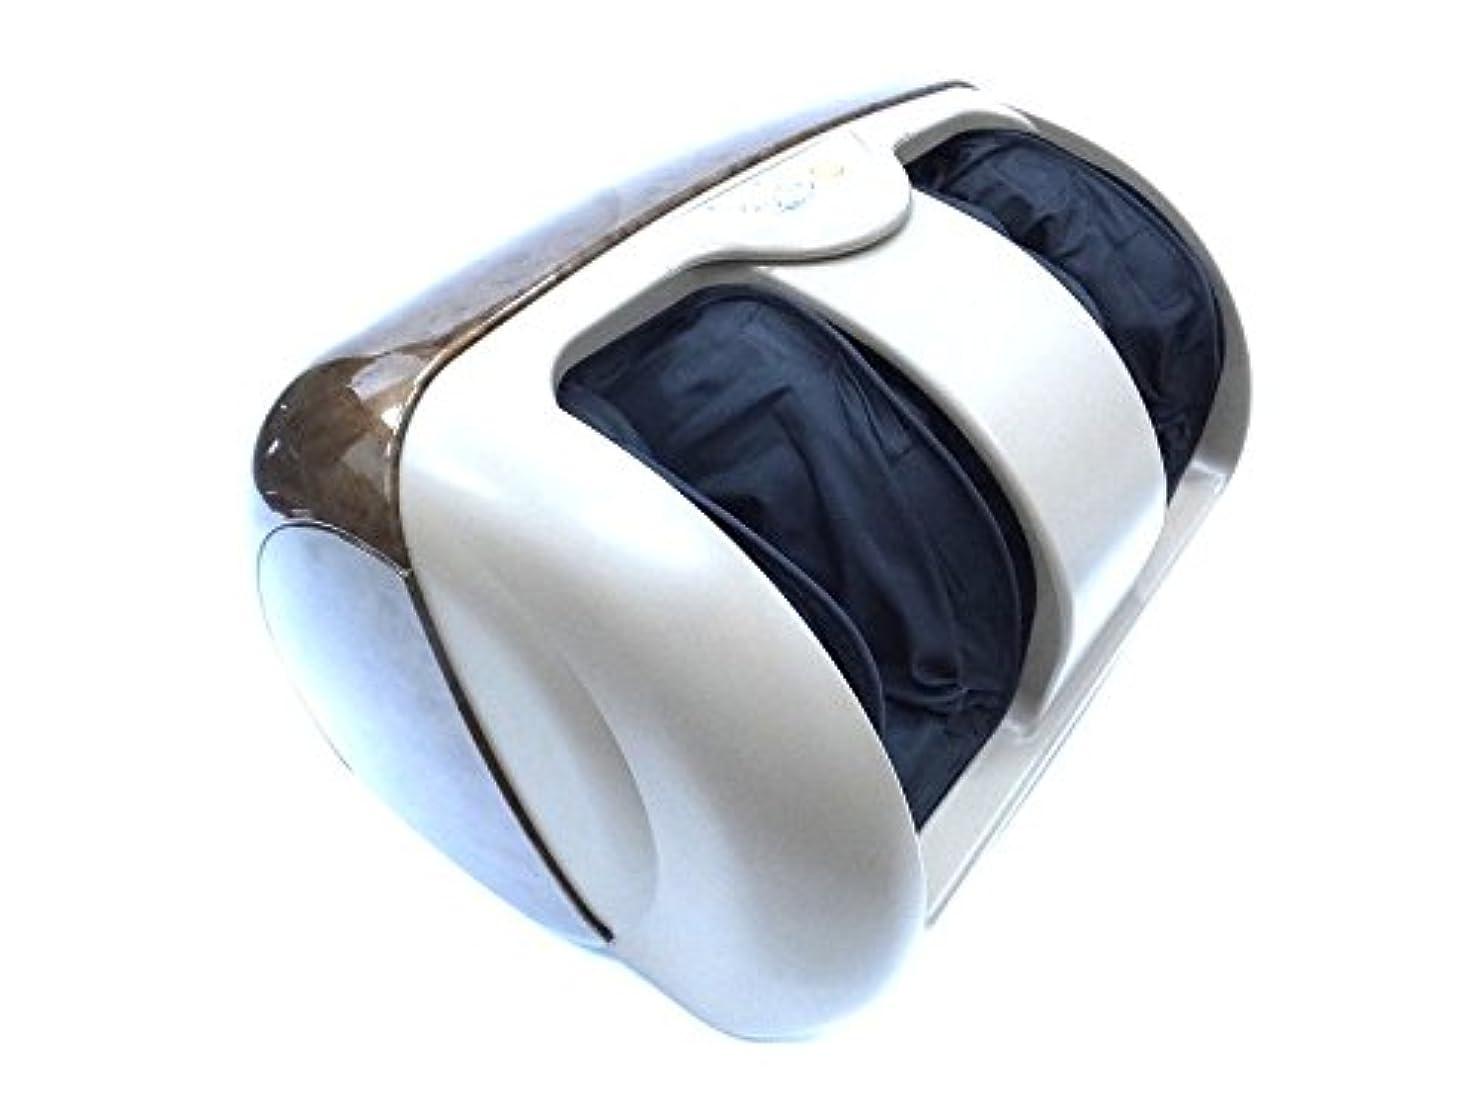 る柔らかい足無傷フランス総合医療 マルタカテクノ RF01 リフレフット フットマッサージャー (家庭用足マッサージ機)